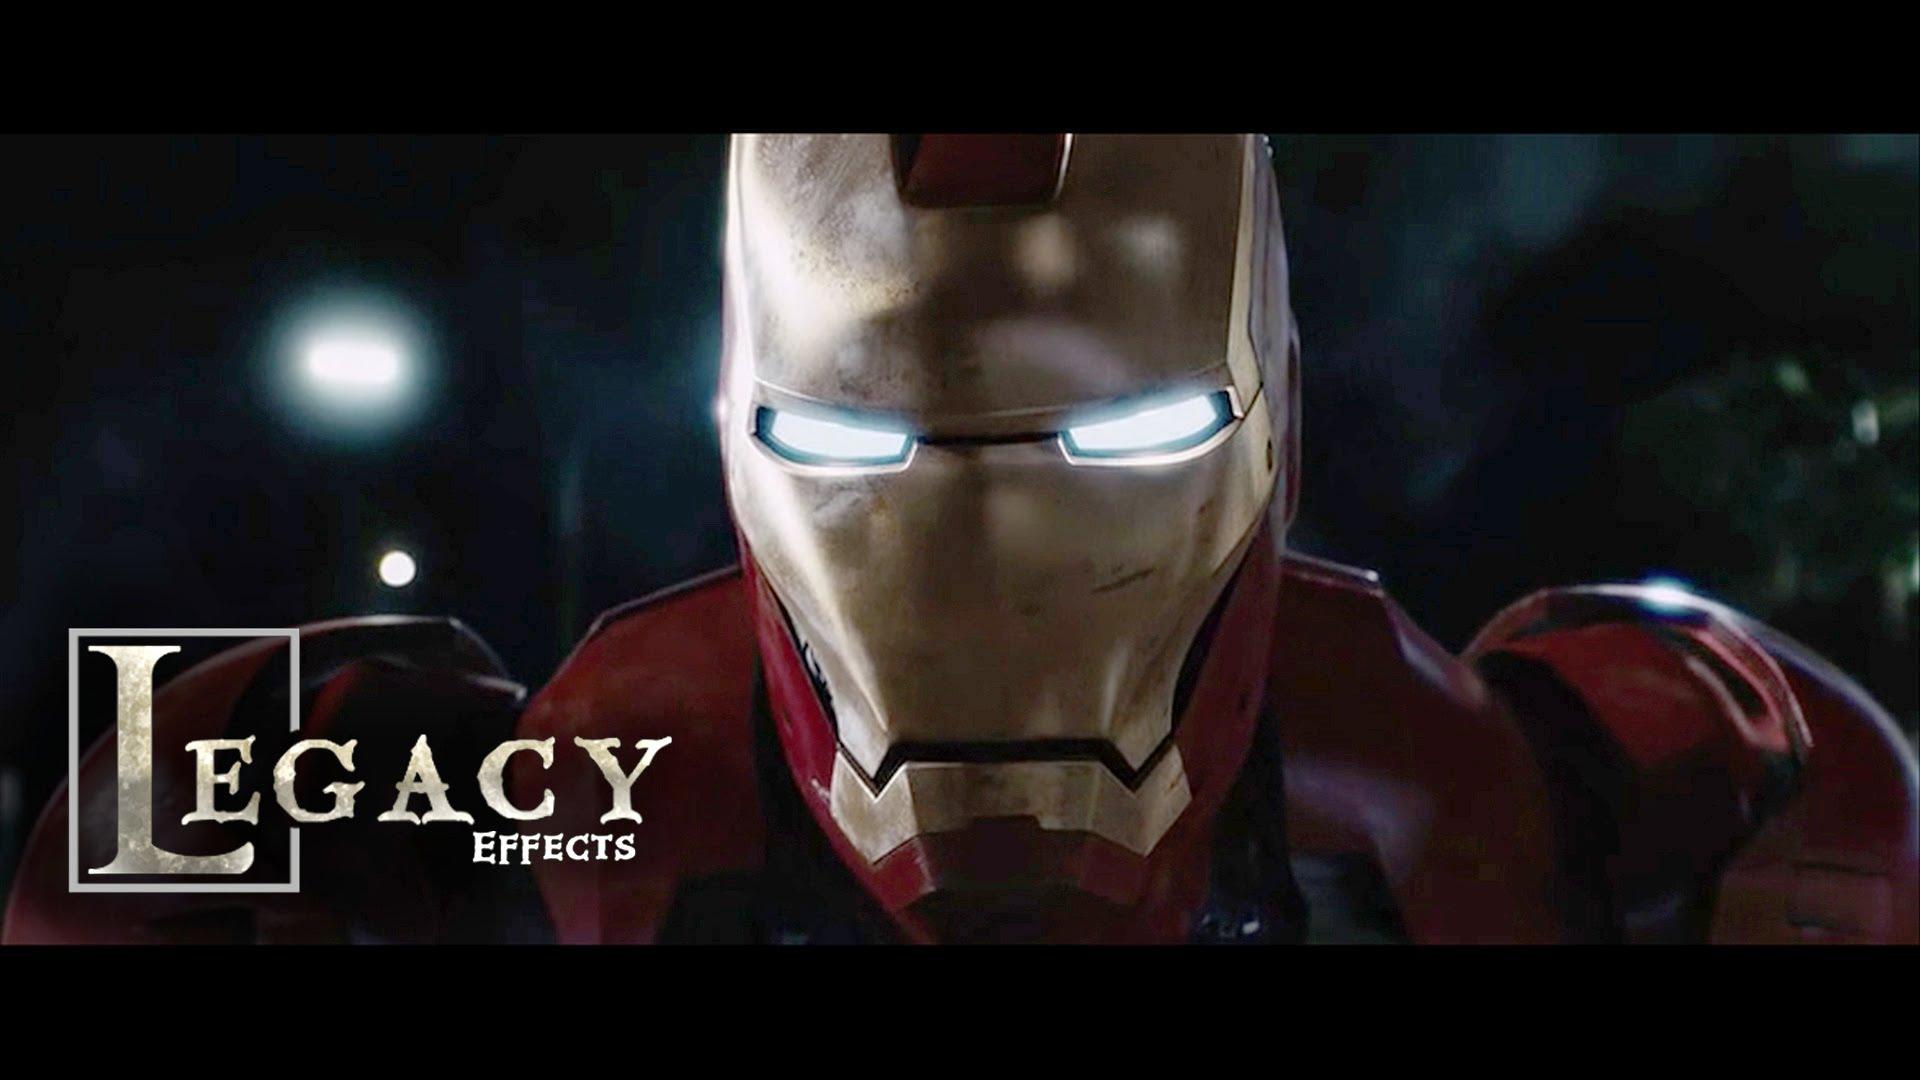 Legacy Effects stellt auf ganz zauberhafte Weise seine Arbeit an den Special Effects für Filme und Videospiele vor